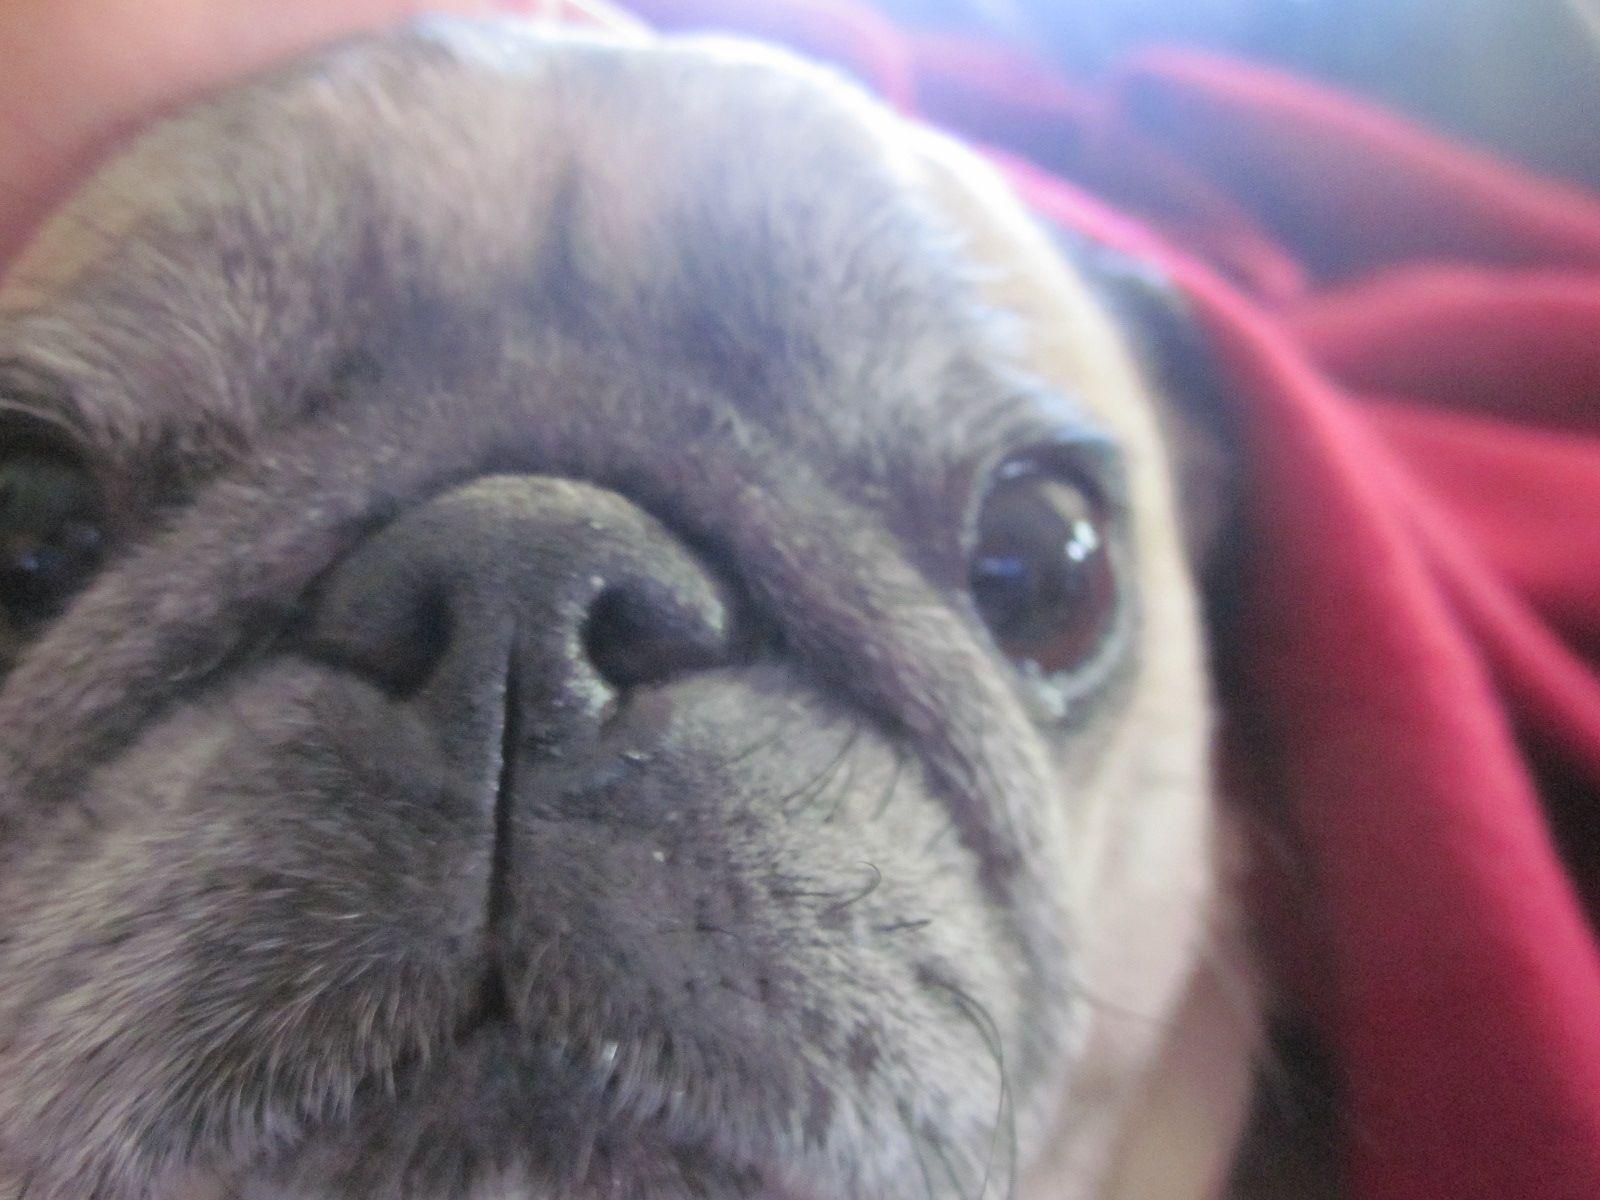 joann finger stella dog closeup